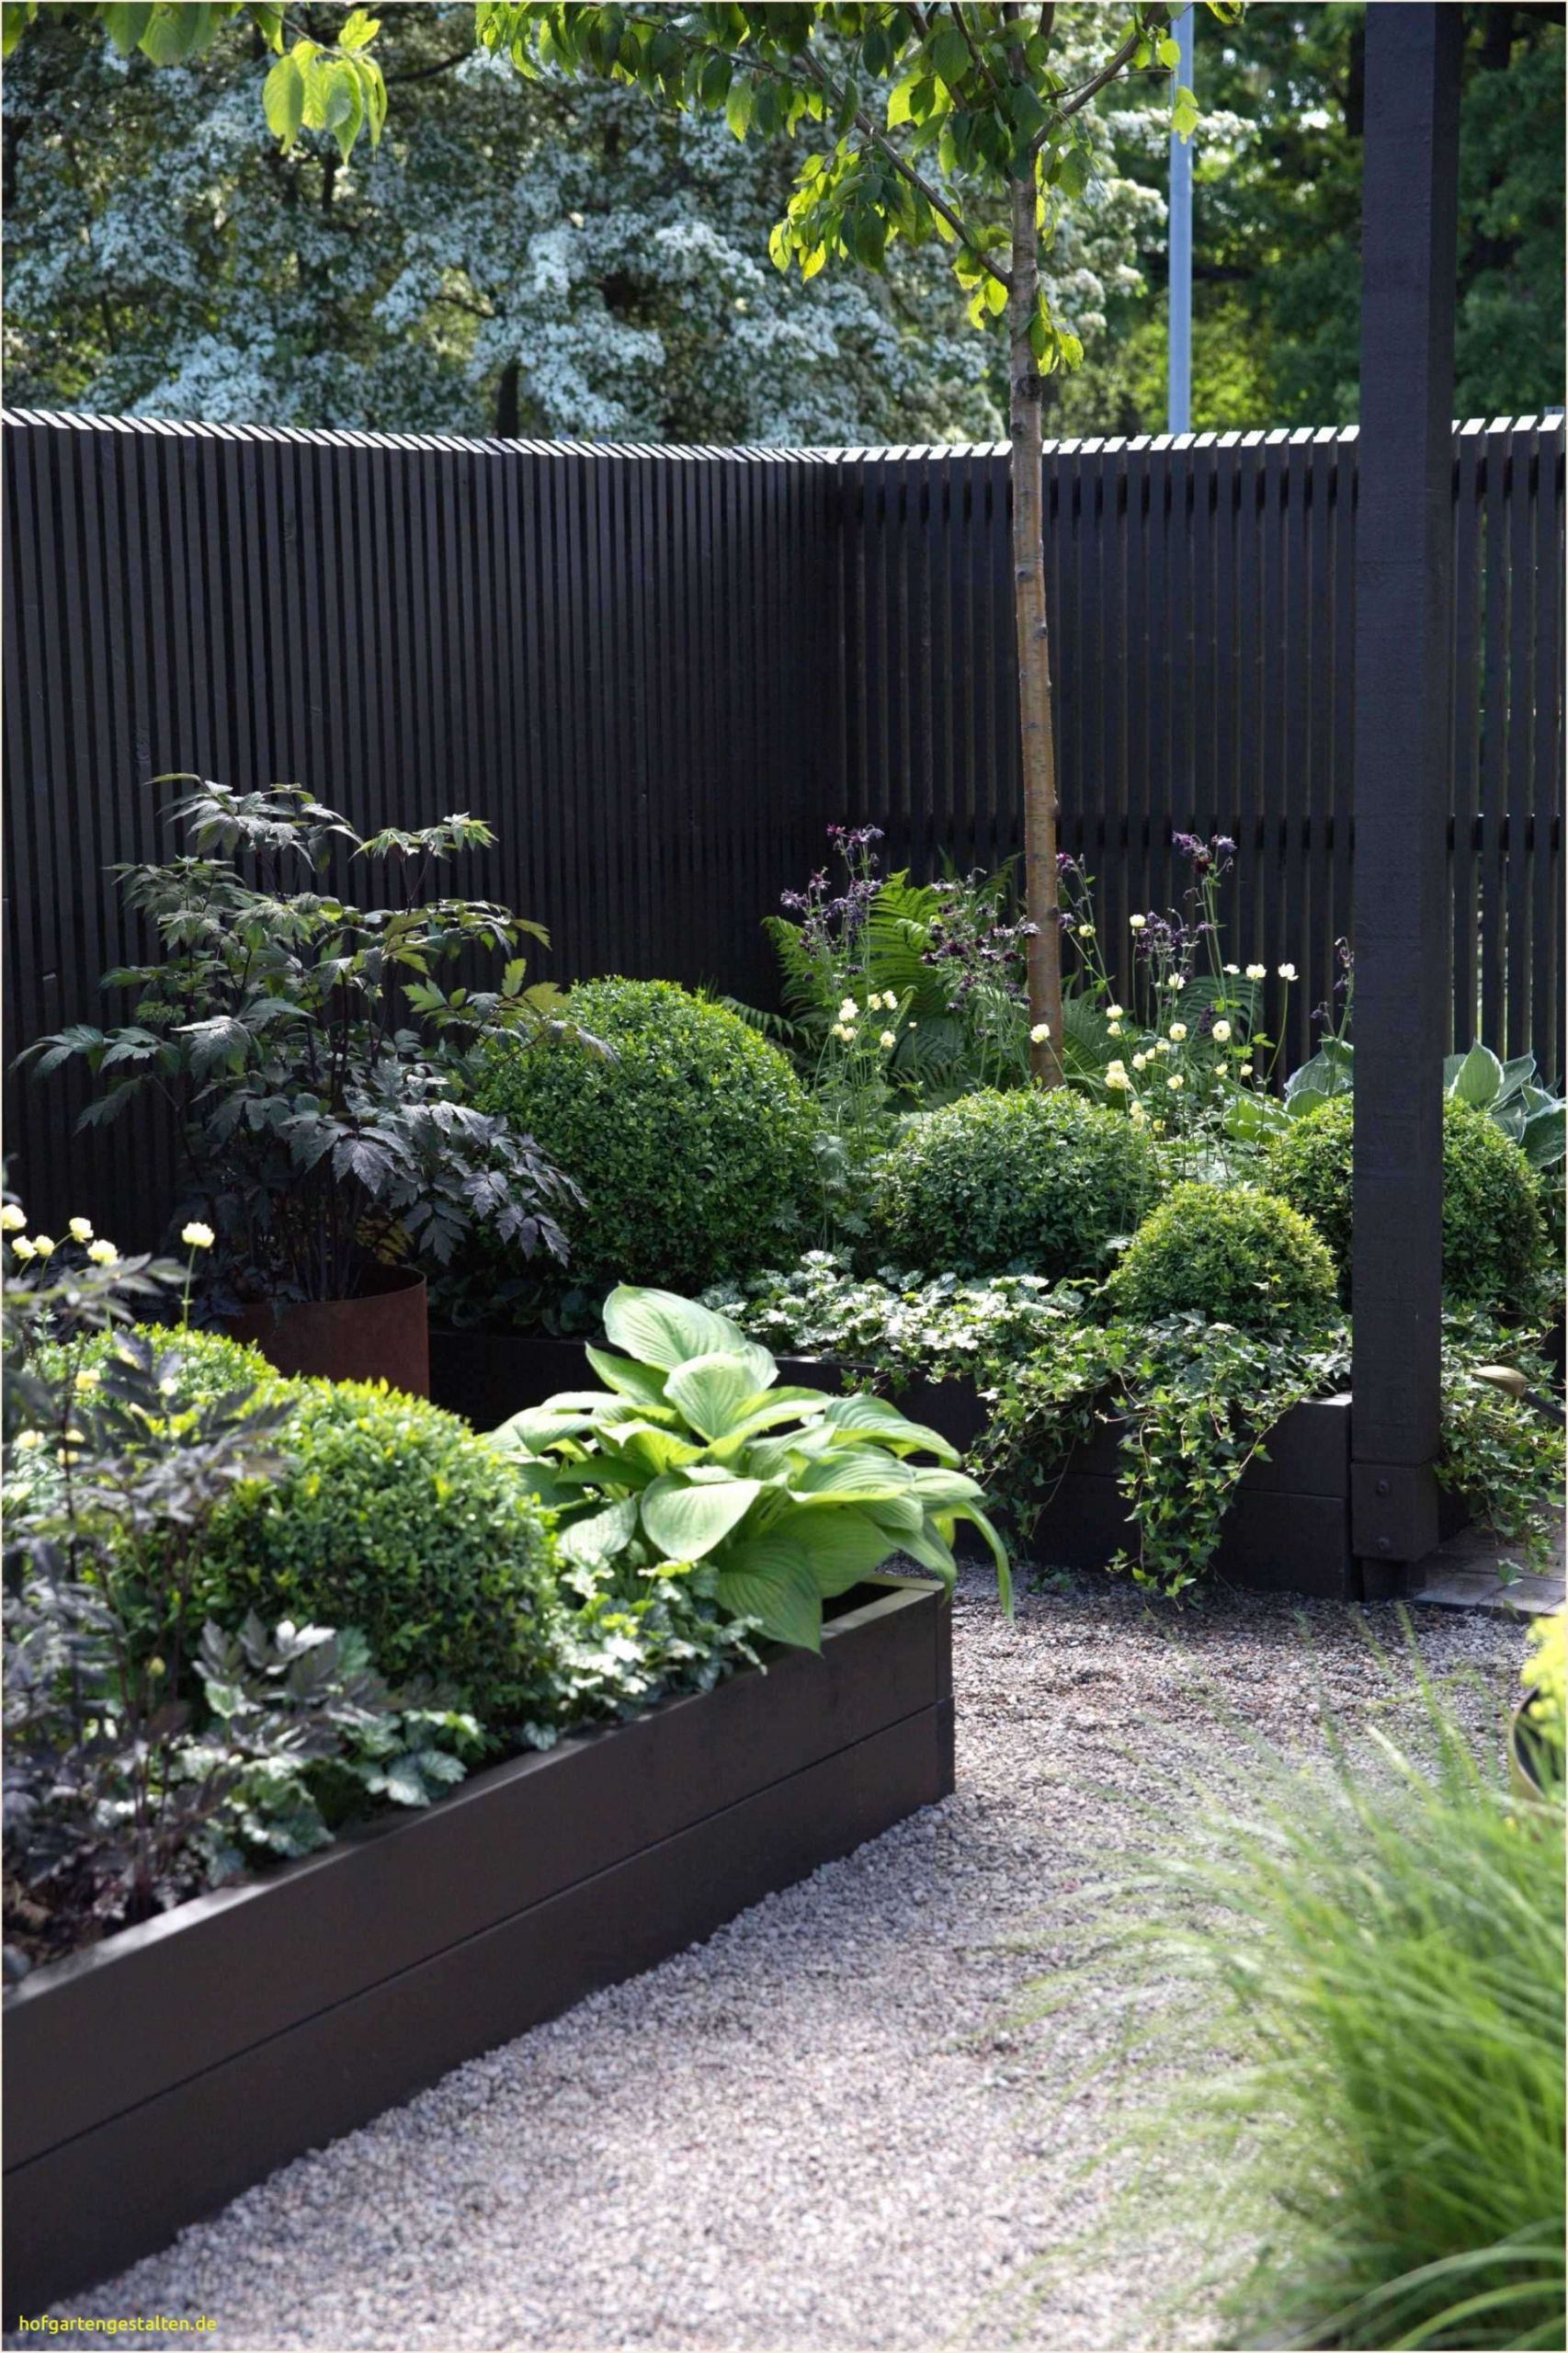 Garten Bedarf Schön Grill Im Garten Gestalten — Temobardz Home Blog